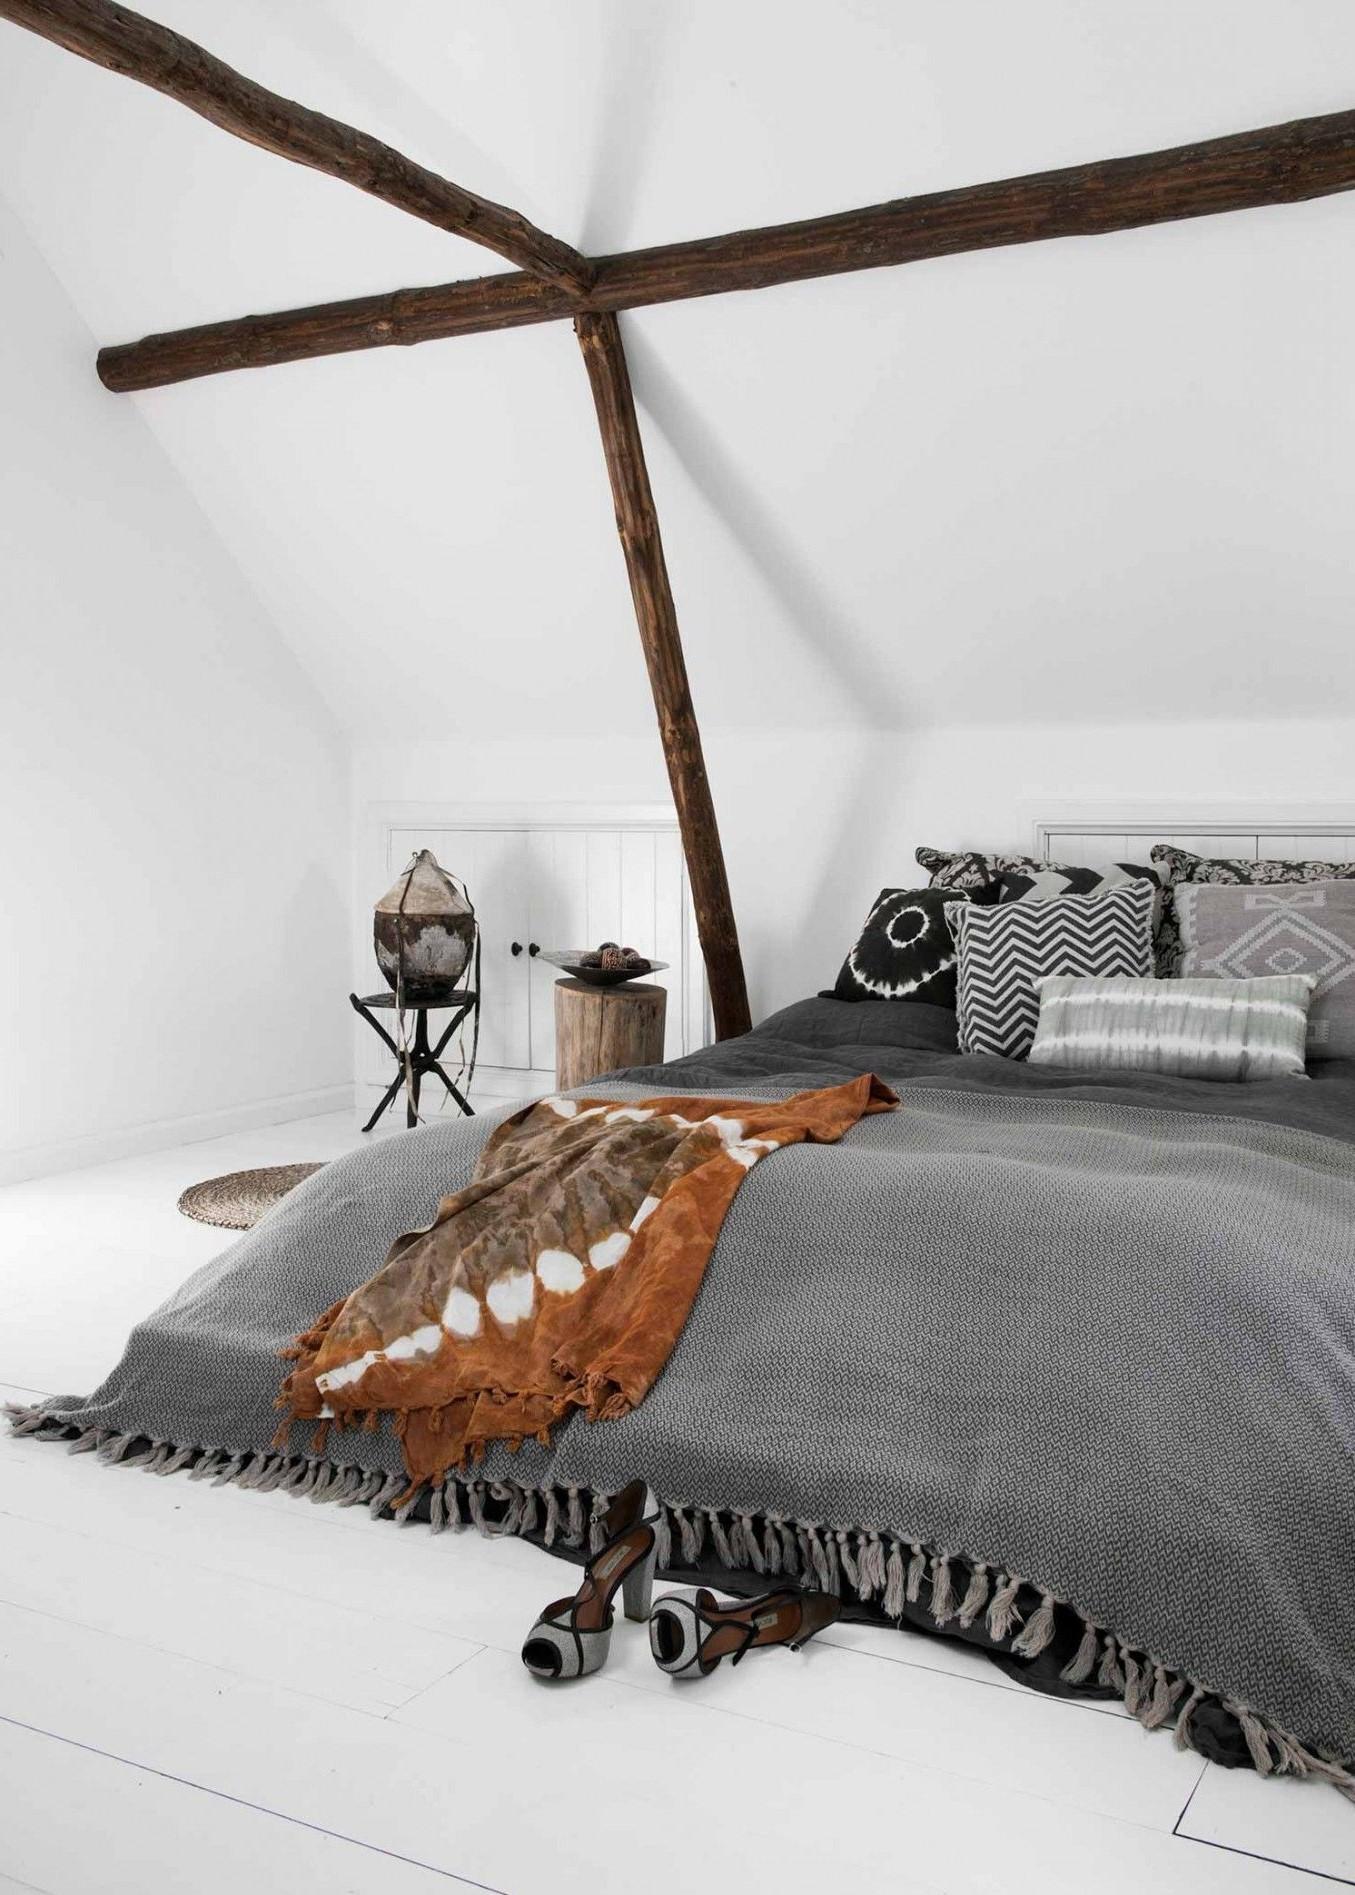 Une chambre mansardée est un excellent espace pour expérimenter de nouvelles idées de design.